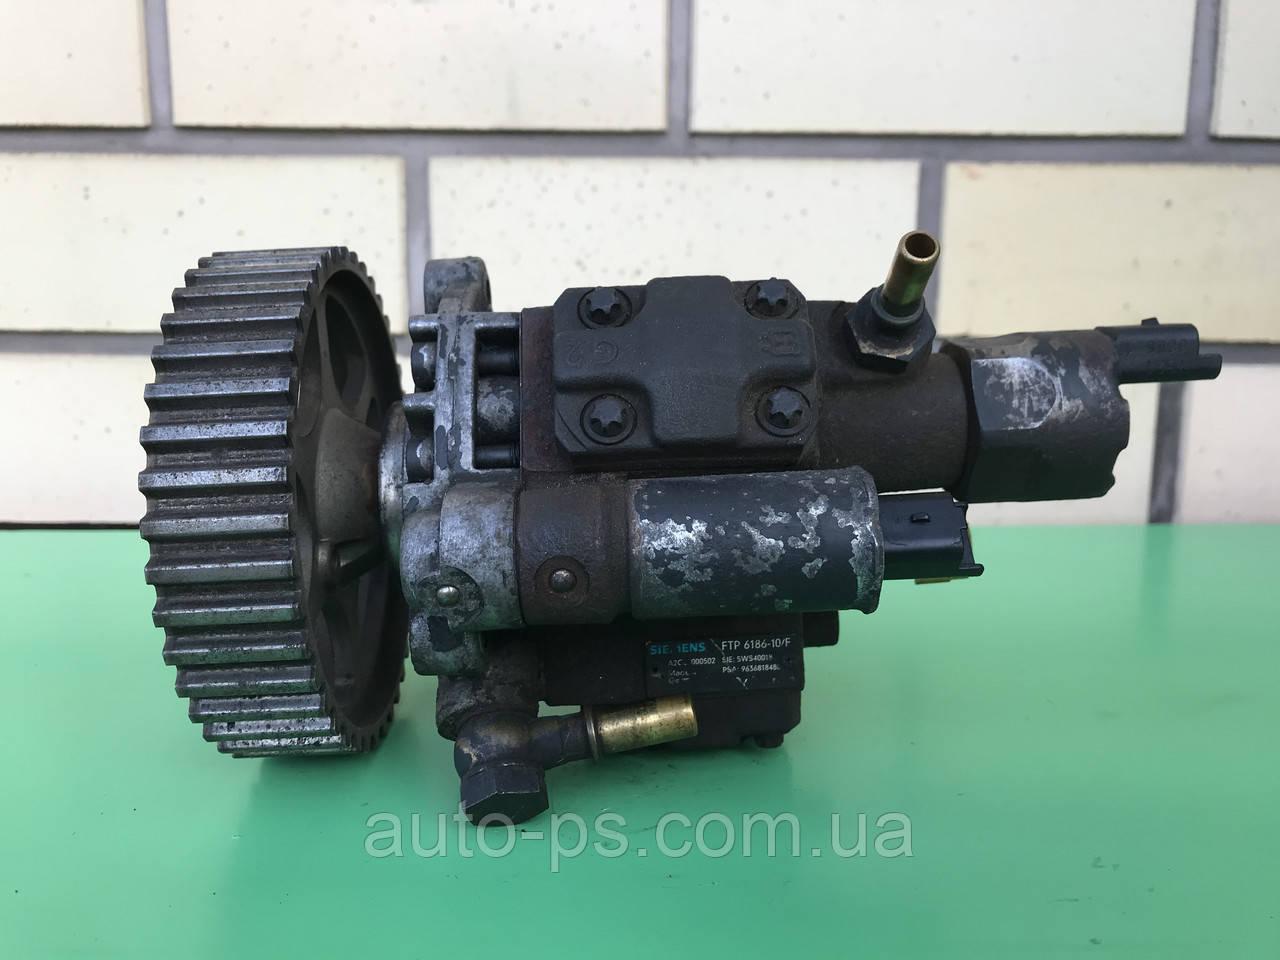 Топливный насос высокого давления (ТНВД) Citroen Xsara 2.0HDI 1999-2005 год